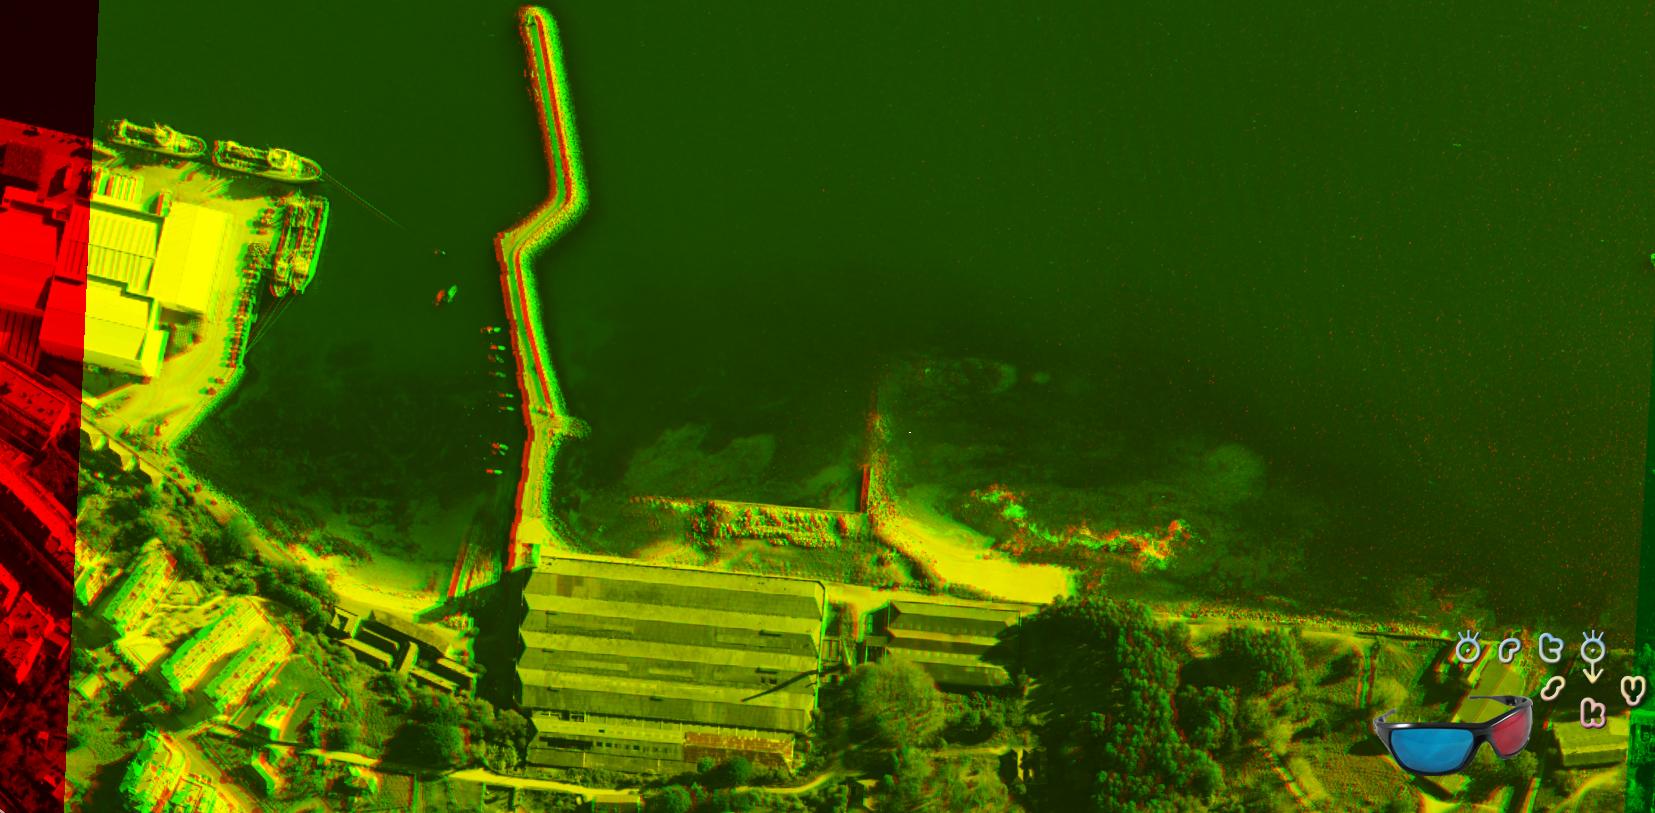 Imágenes en 3D, imágenes de anaglifo para ver con gafas